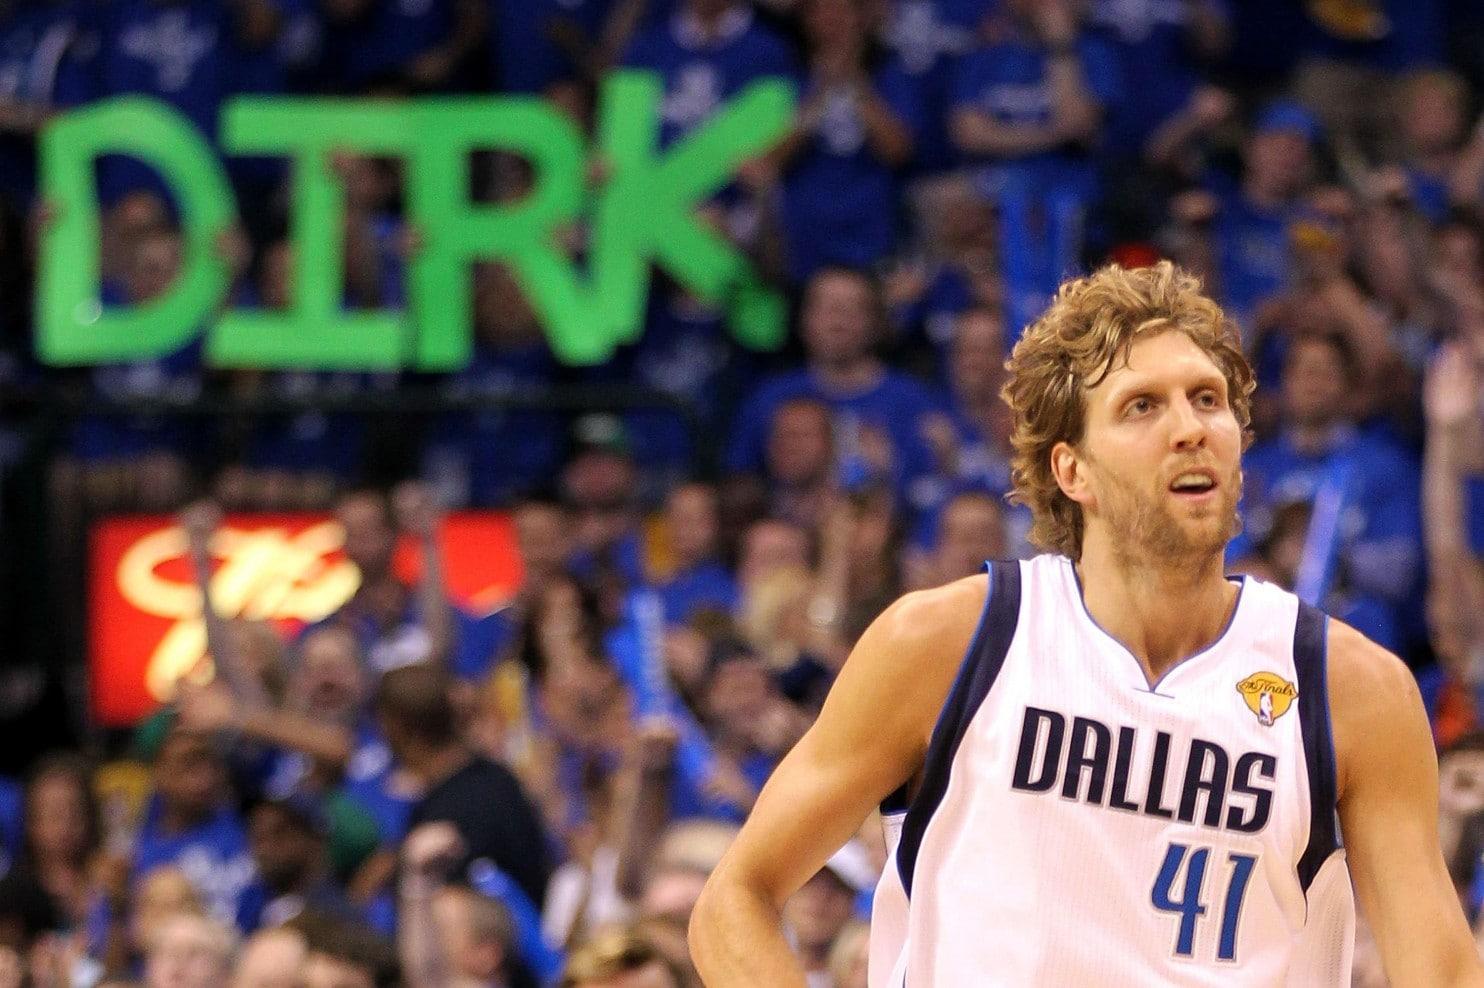 Прощай Дирк | Самые значимые события в карьере Новицки в НБА